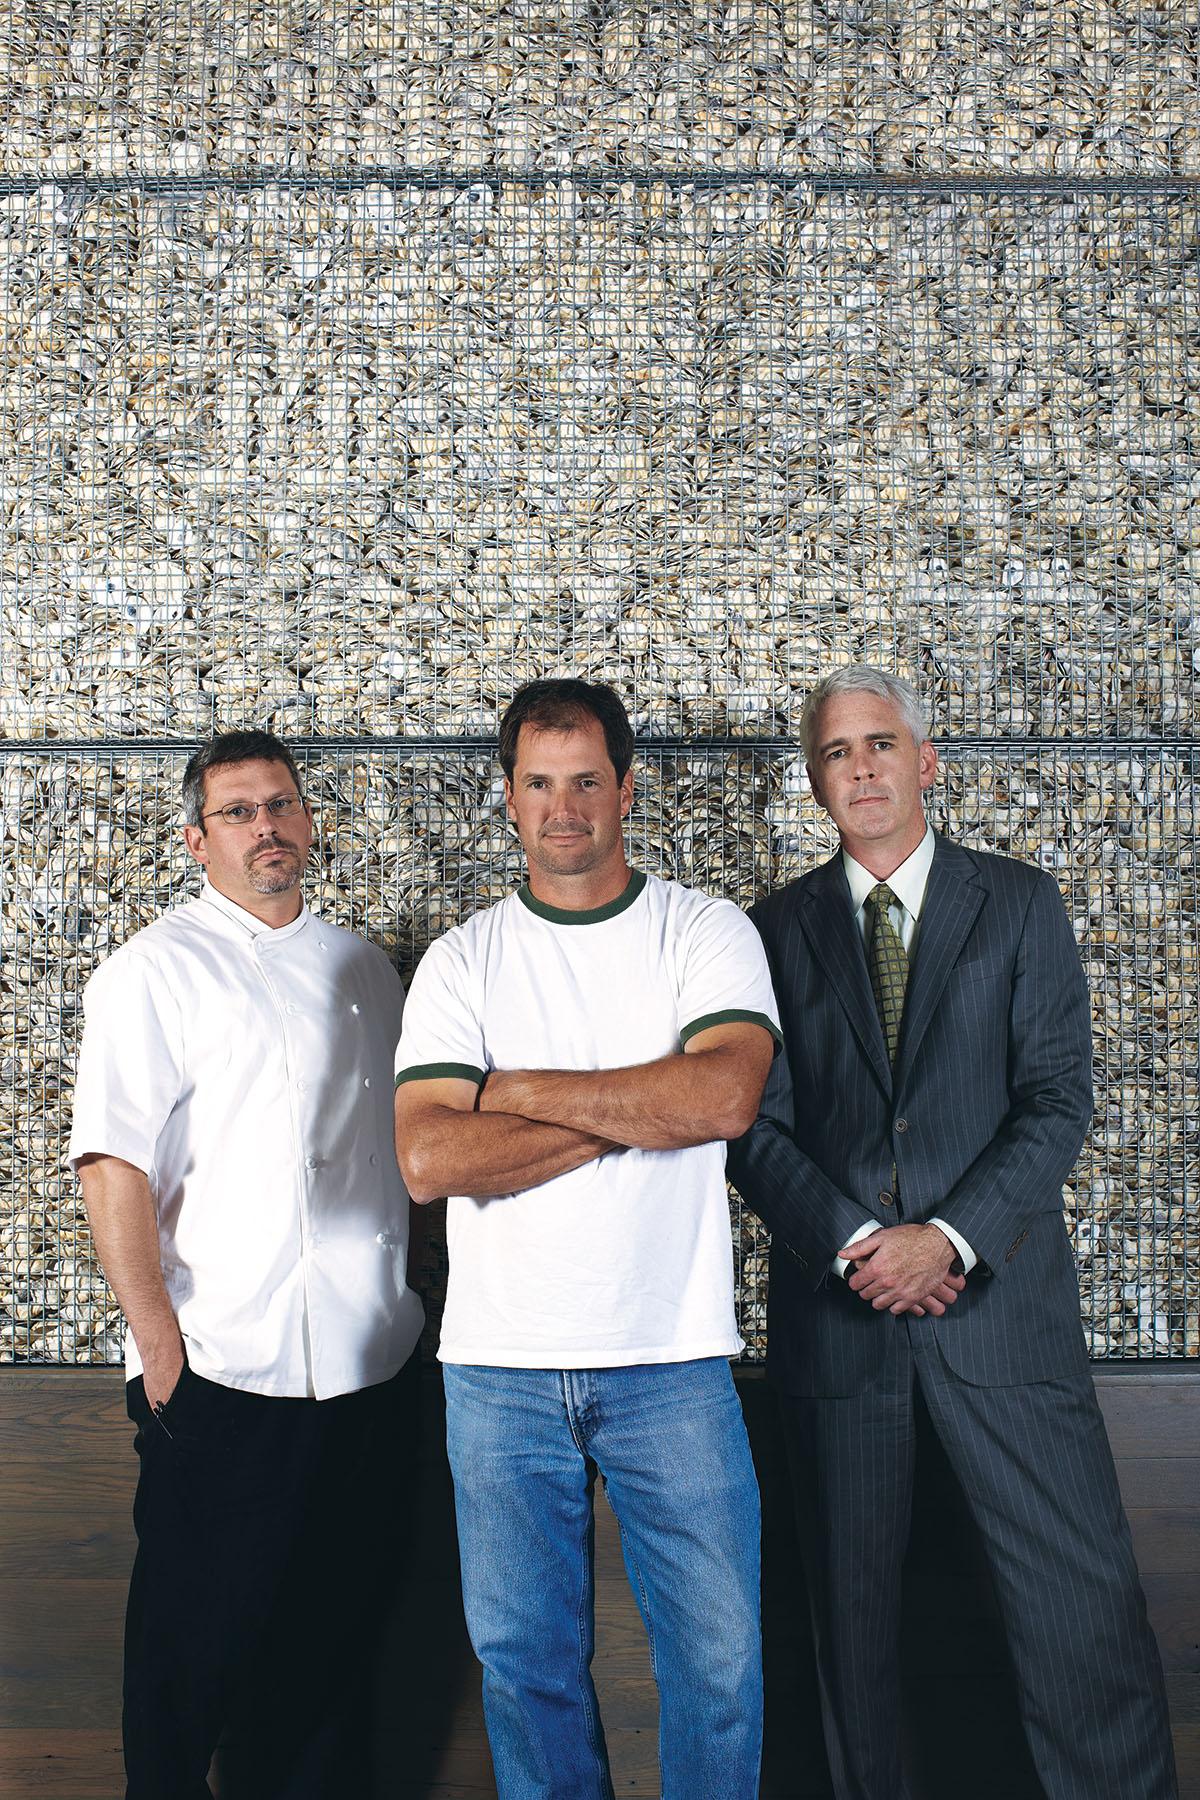 From left, the partners behind Island Creek Oyster Bar: Jeremy Sewall, Skip Bennett, and Garett Harker. Photo by Matt Kalinowski